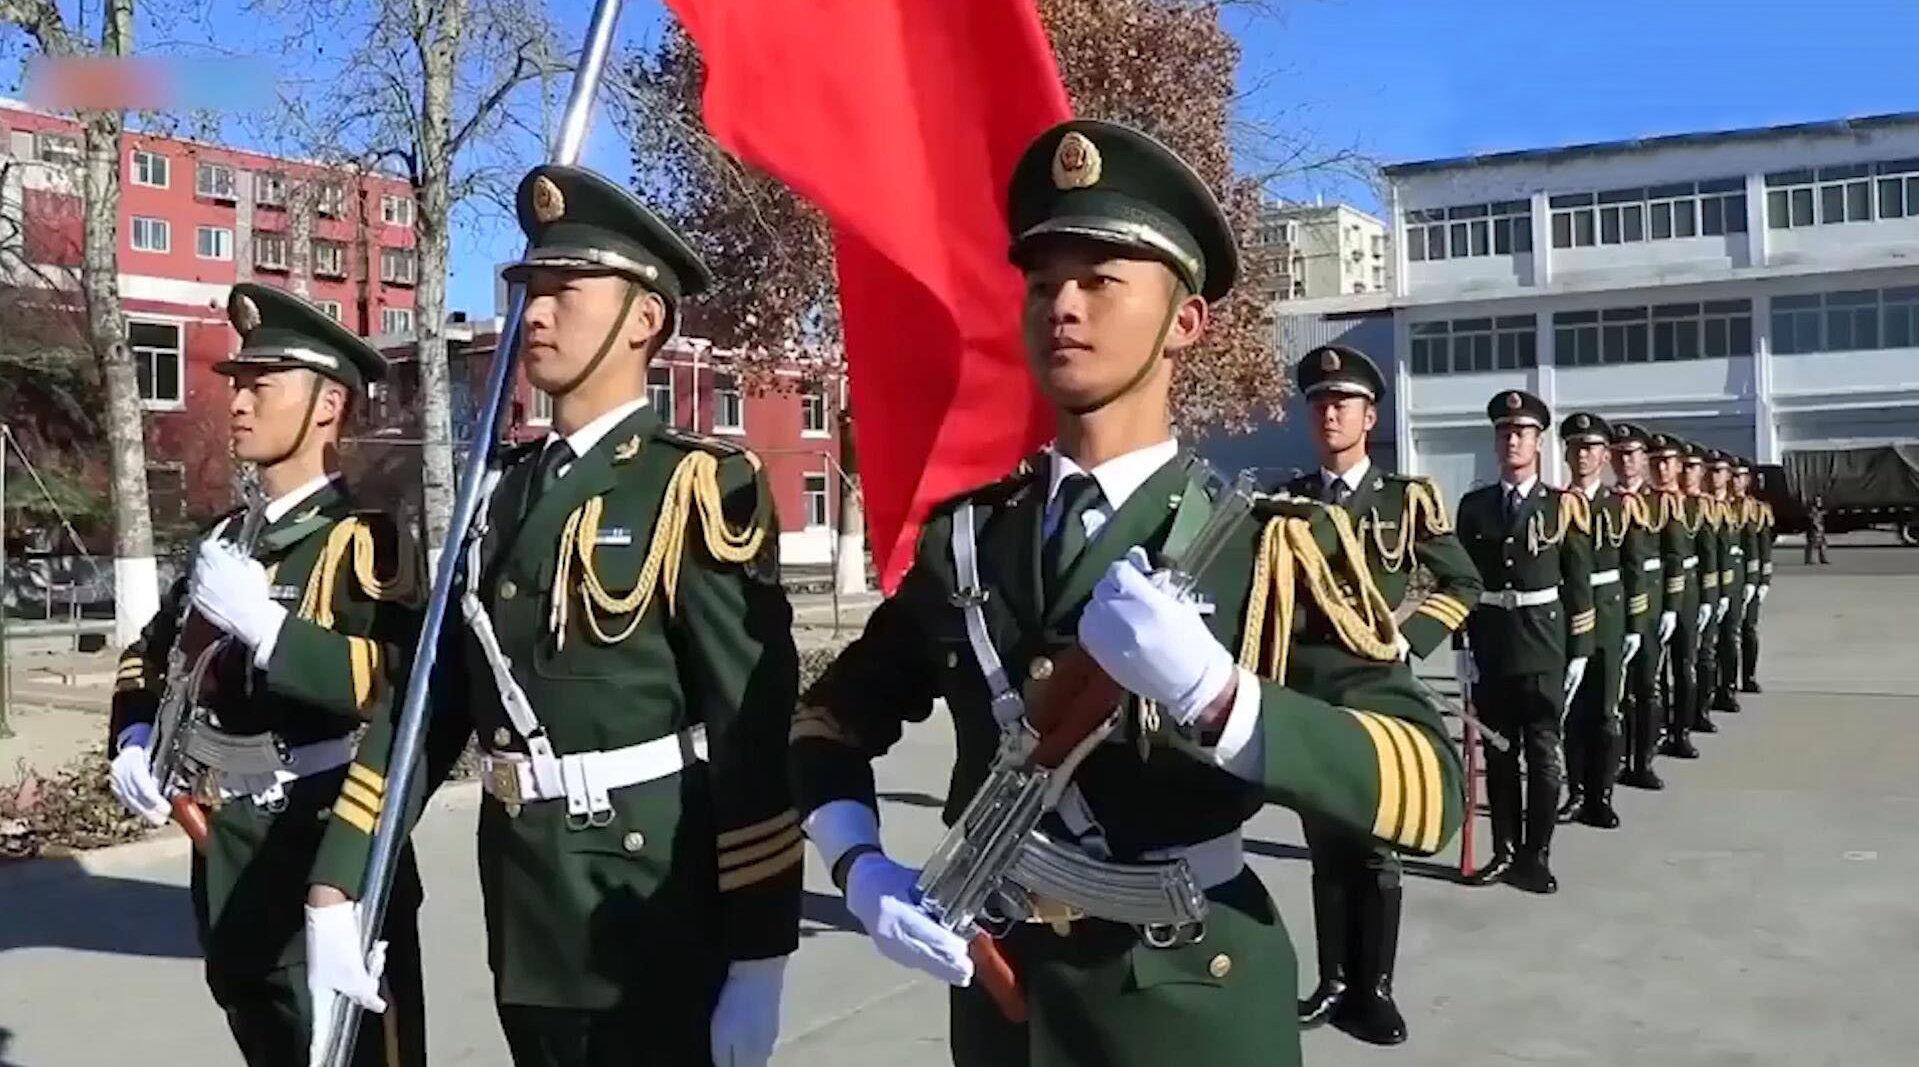 武警战士分列式表演,挺拔的身姿英姿飒爽,坚定的步伐雷厉风行!